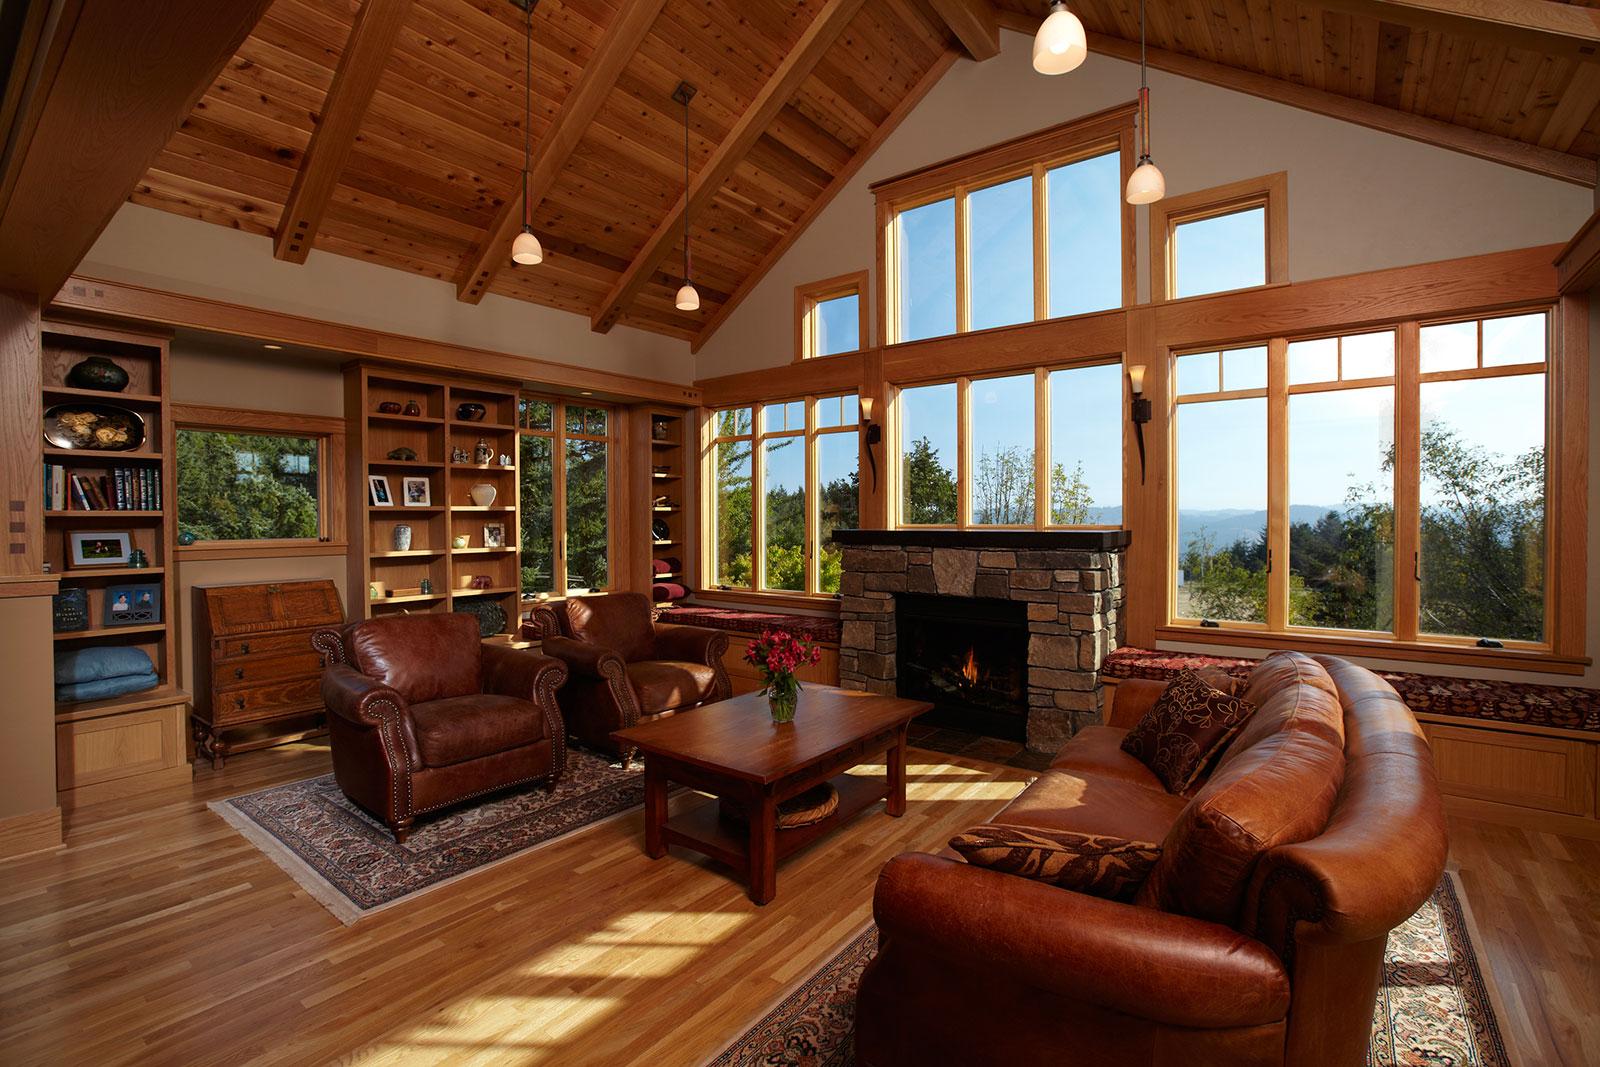 Valley wood floors snowhill wisbeski sunroom for Solarium flooring